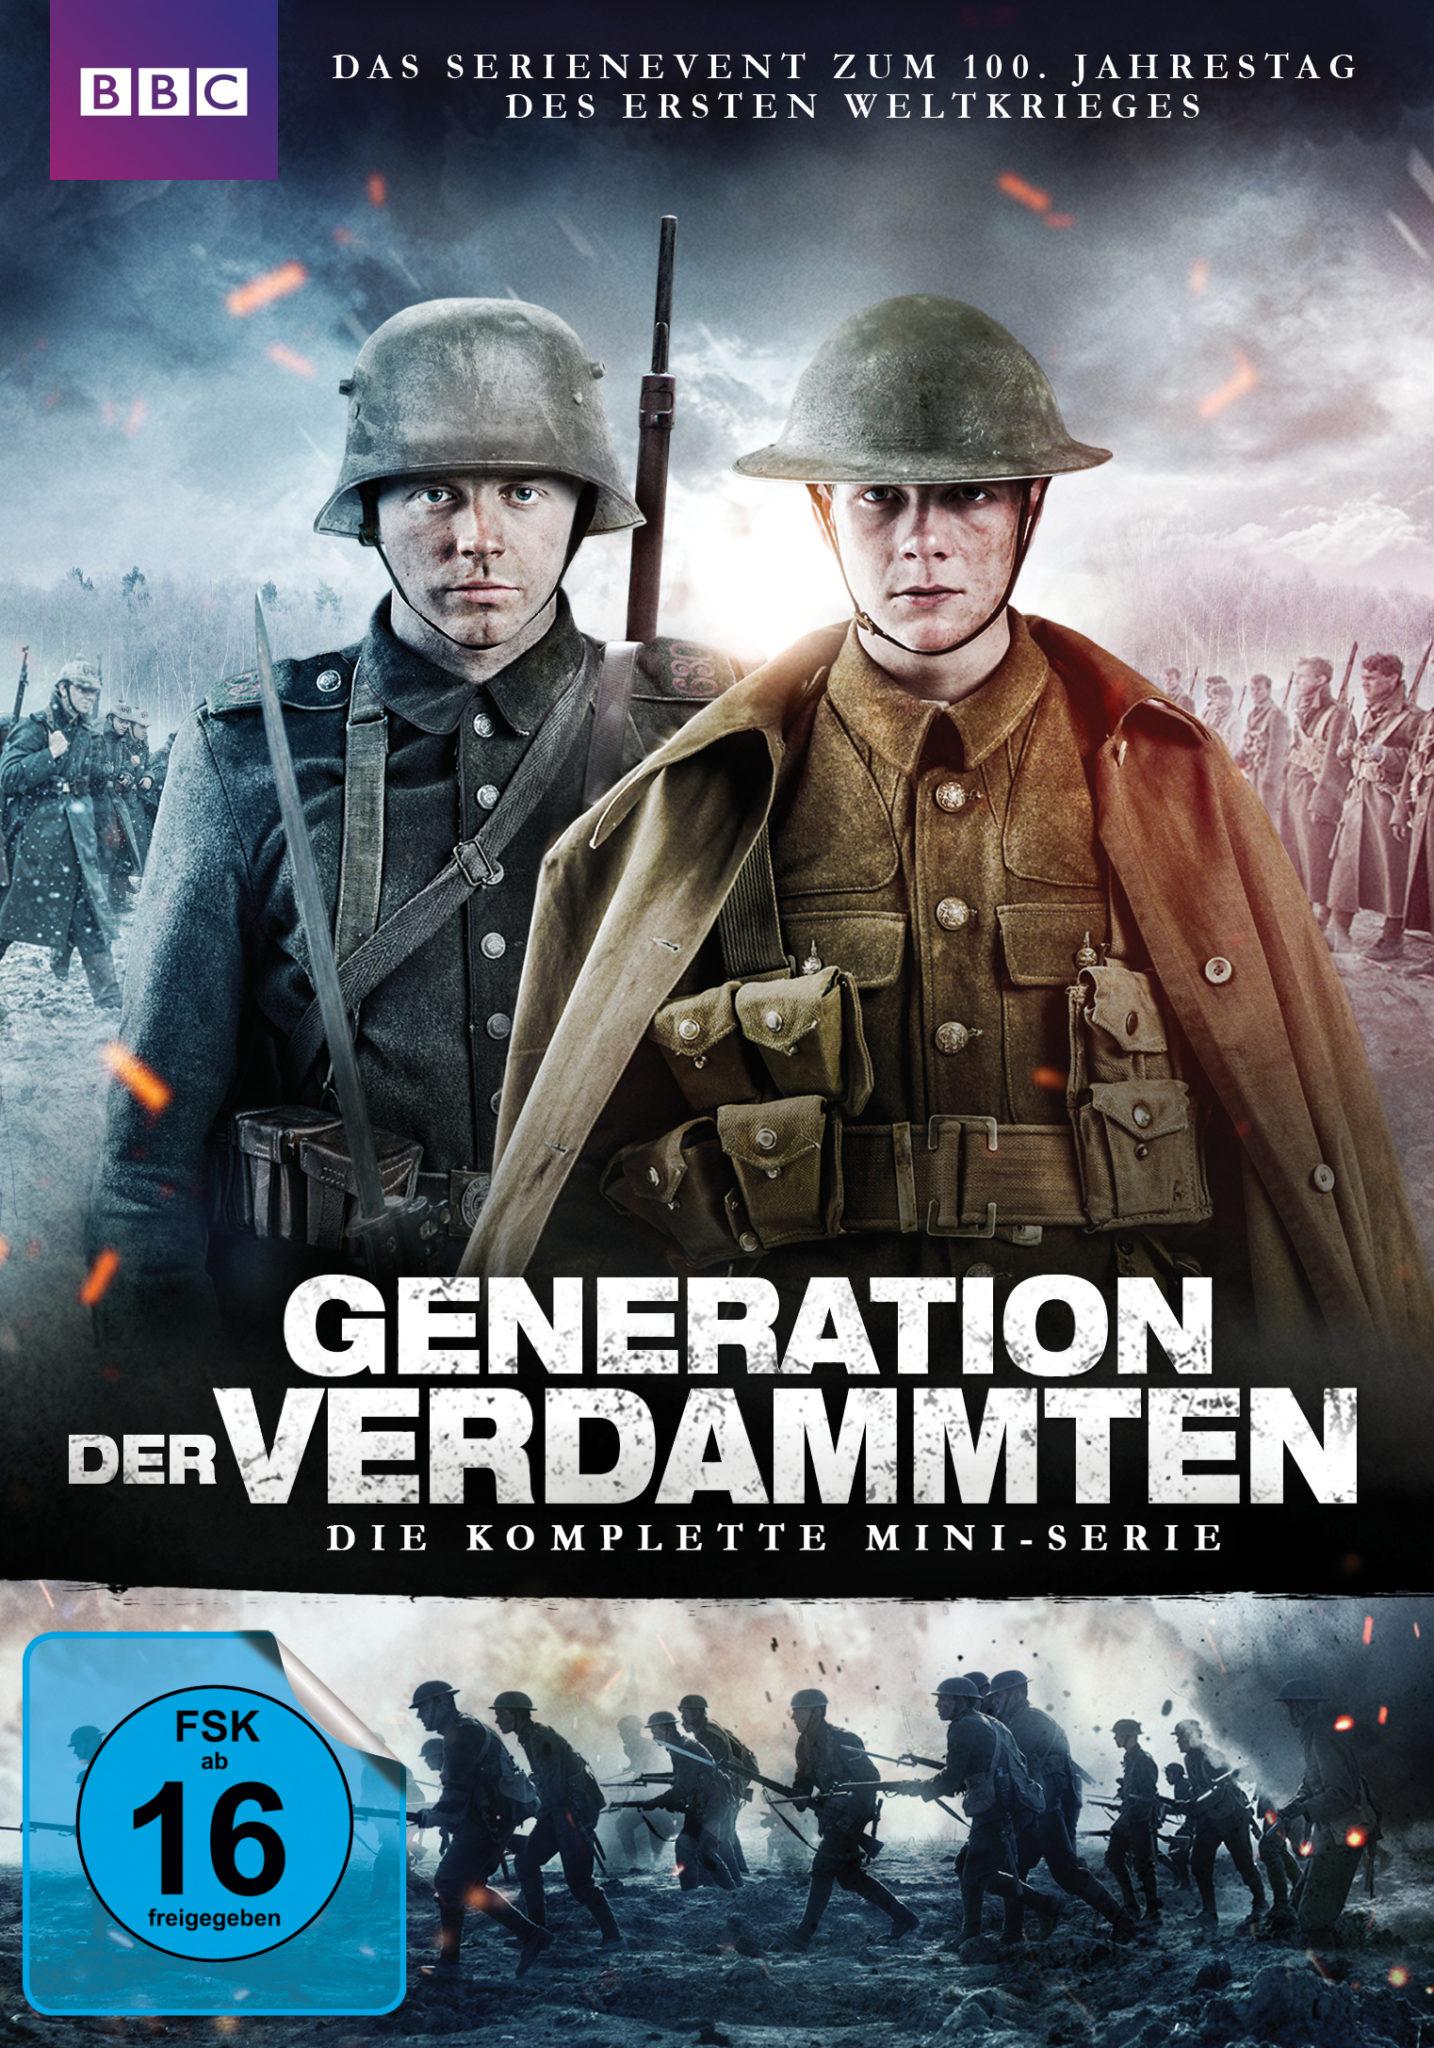 """Erster Weltkrieg mit Downton-Klängen: """"Generation der Verdammten"""" auf Bluray. 5"""